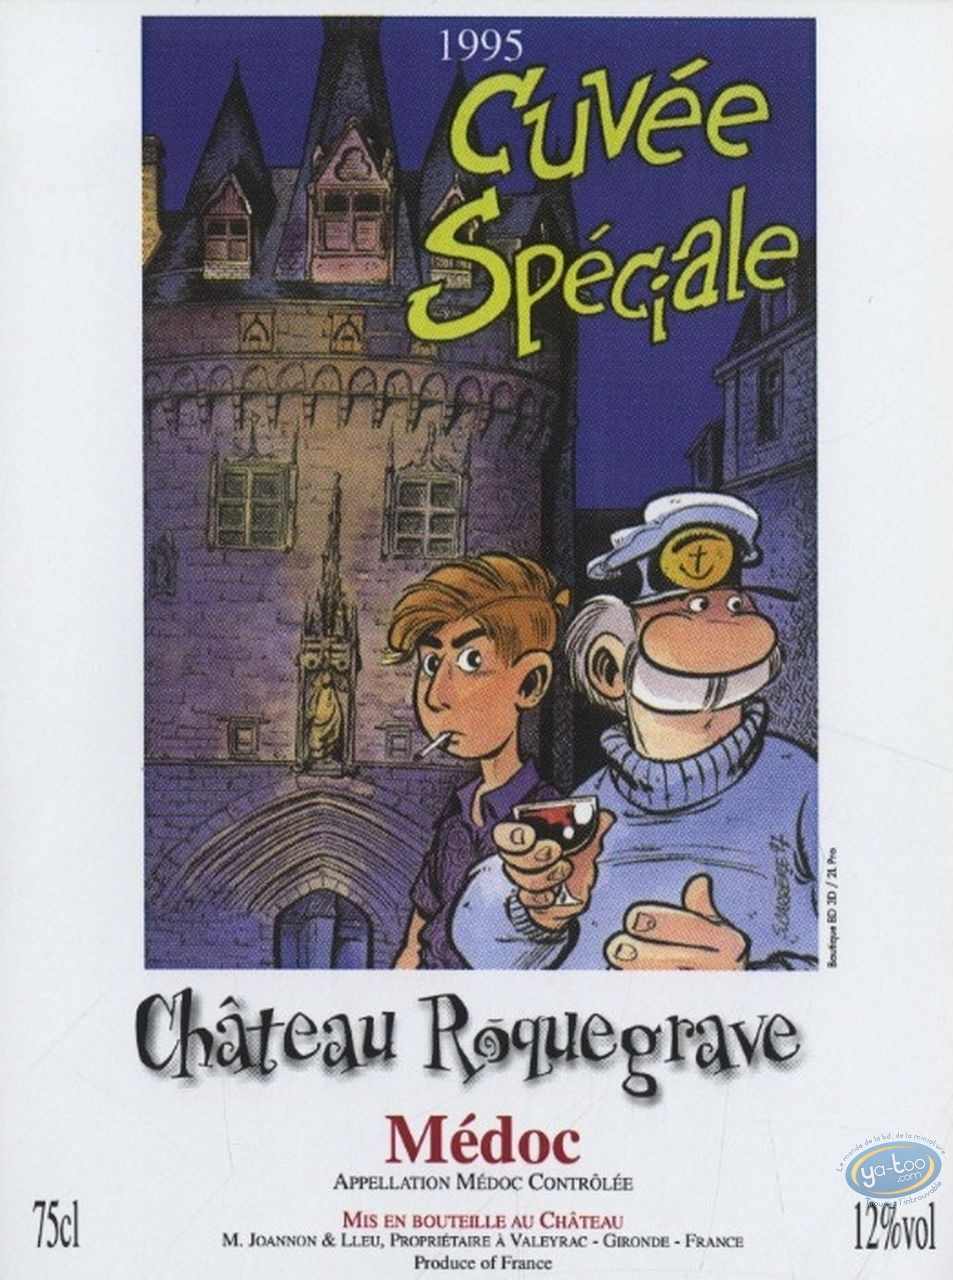 Etiquette de Vin, Léo Loden : Léo Loden - Chateau Roquegrave 1995